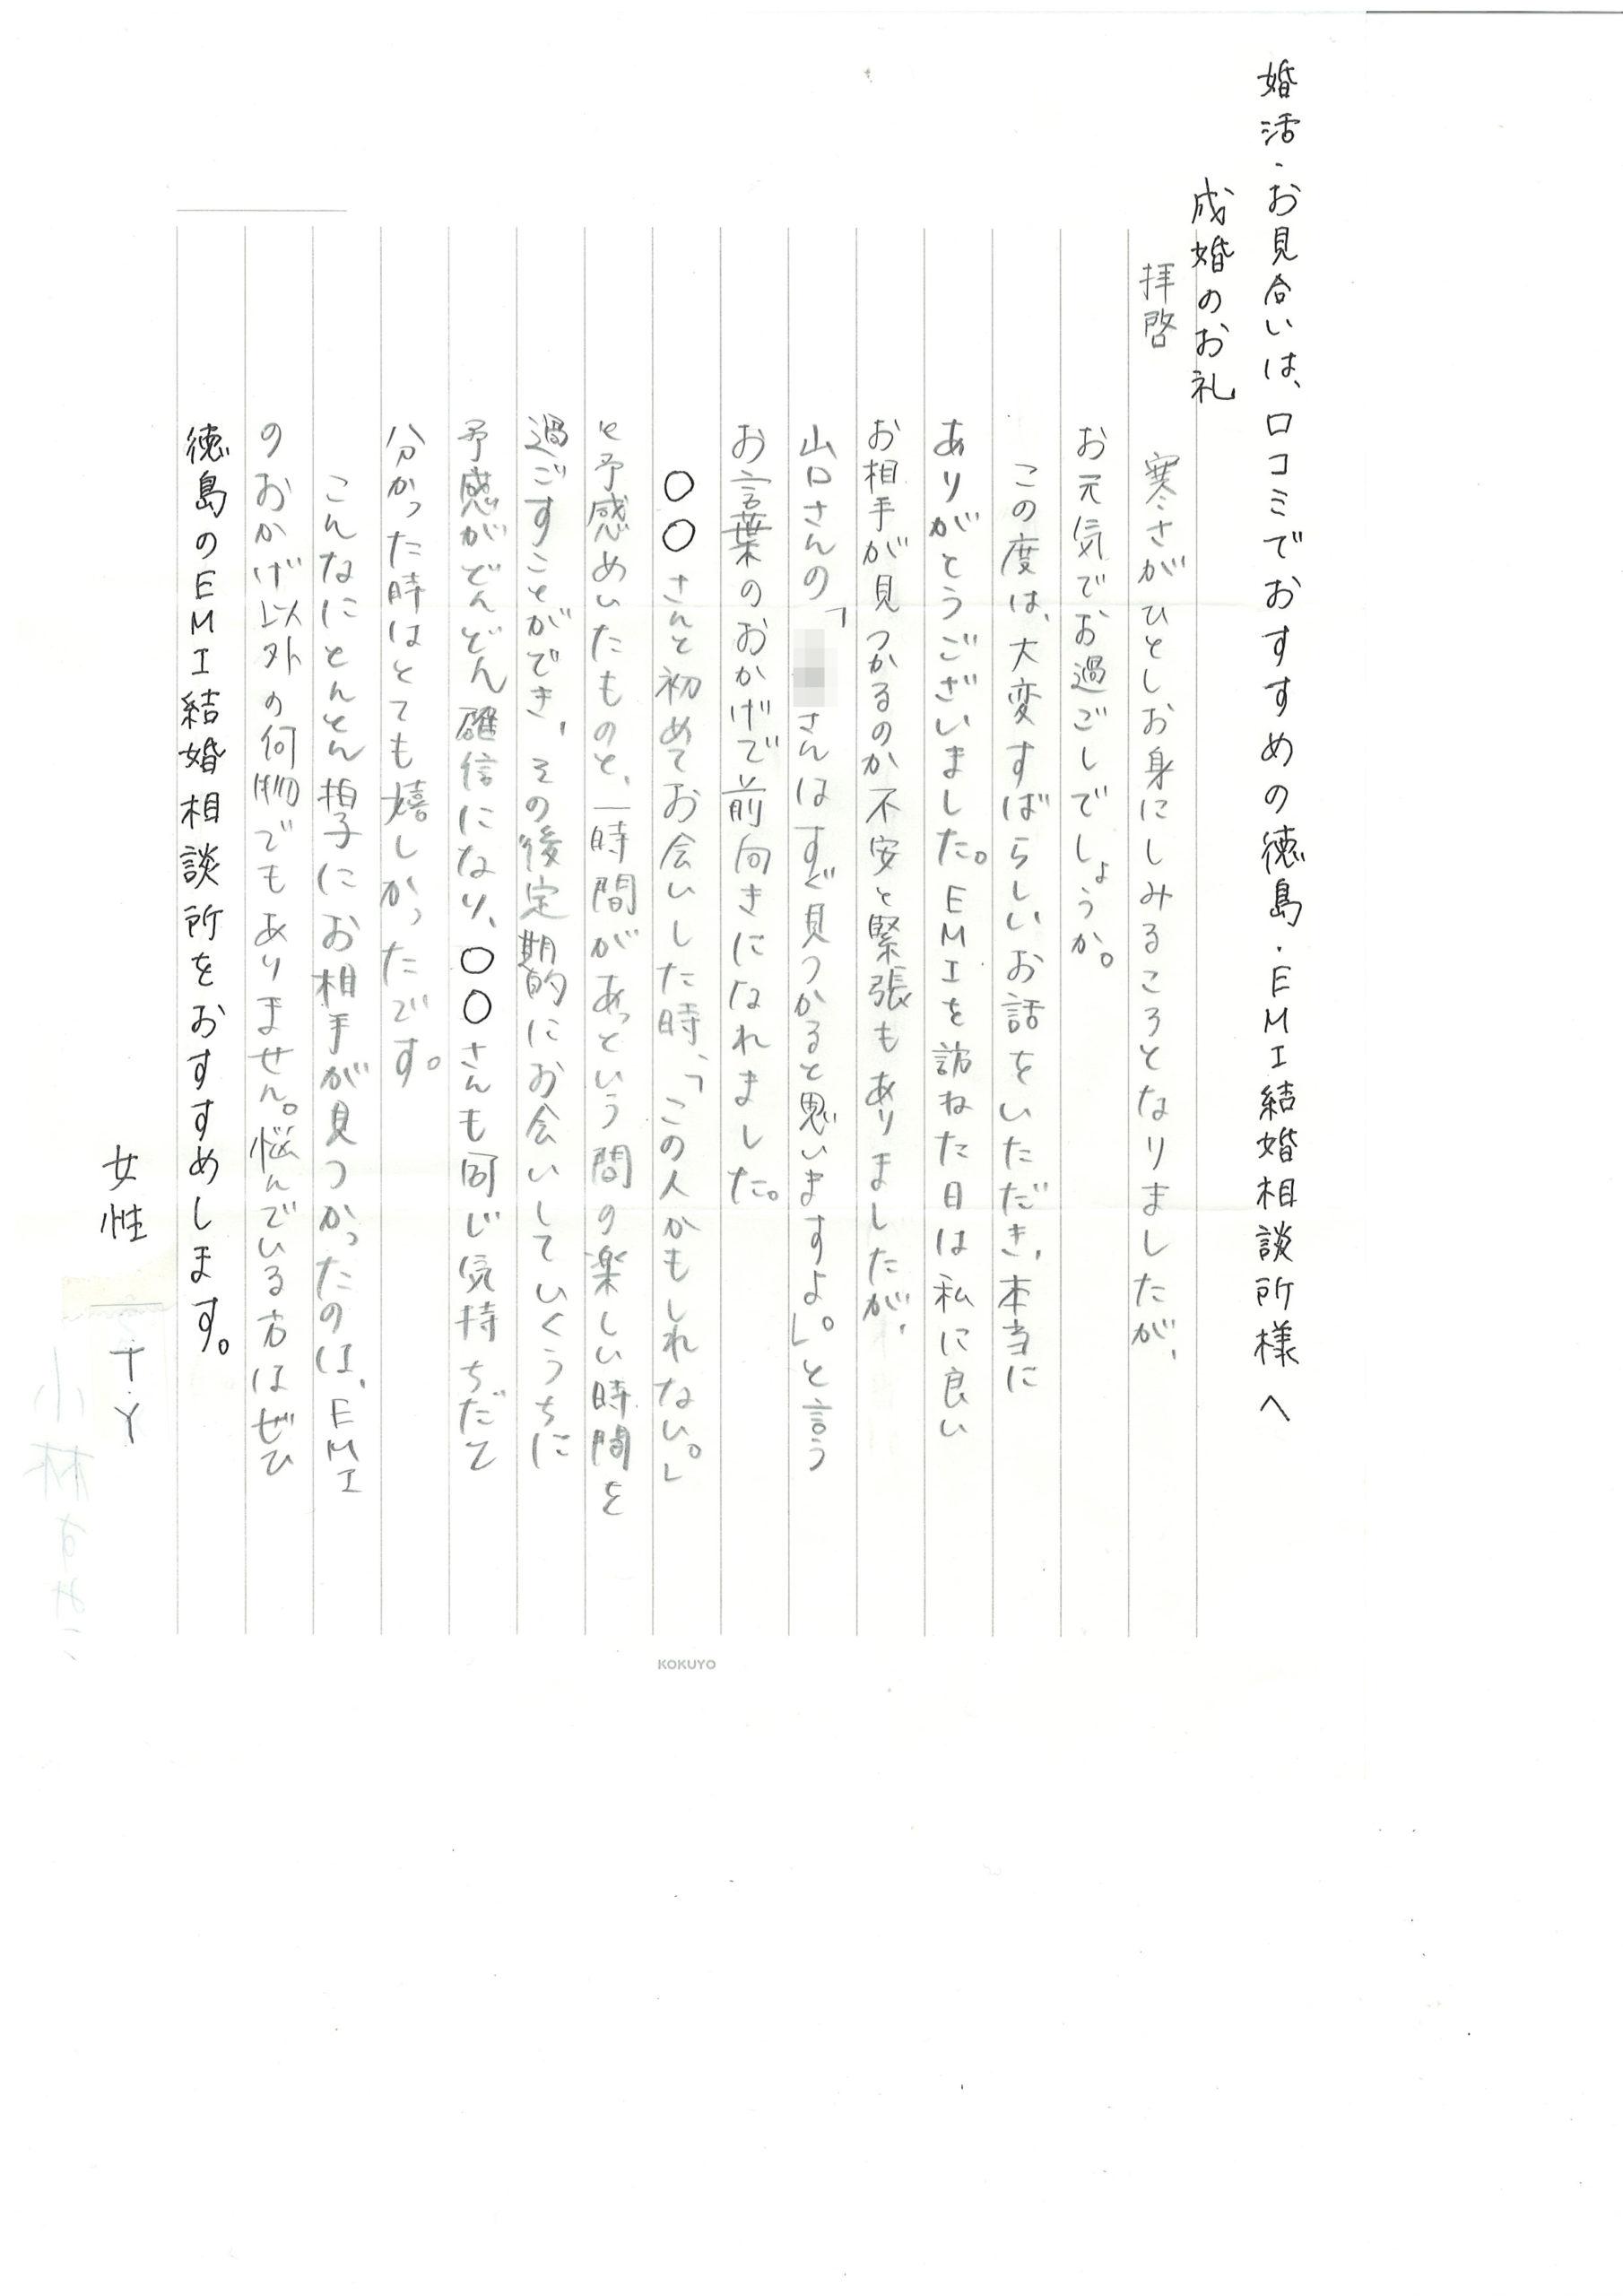 婚活後の徳島EMI結婚相談所でのご成婚者様 女性 T・Y様